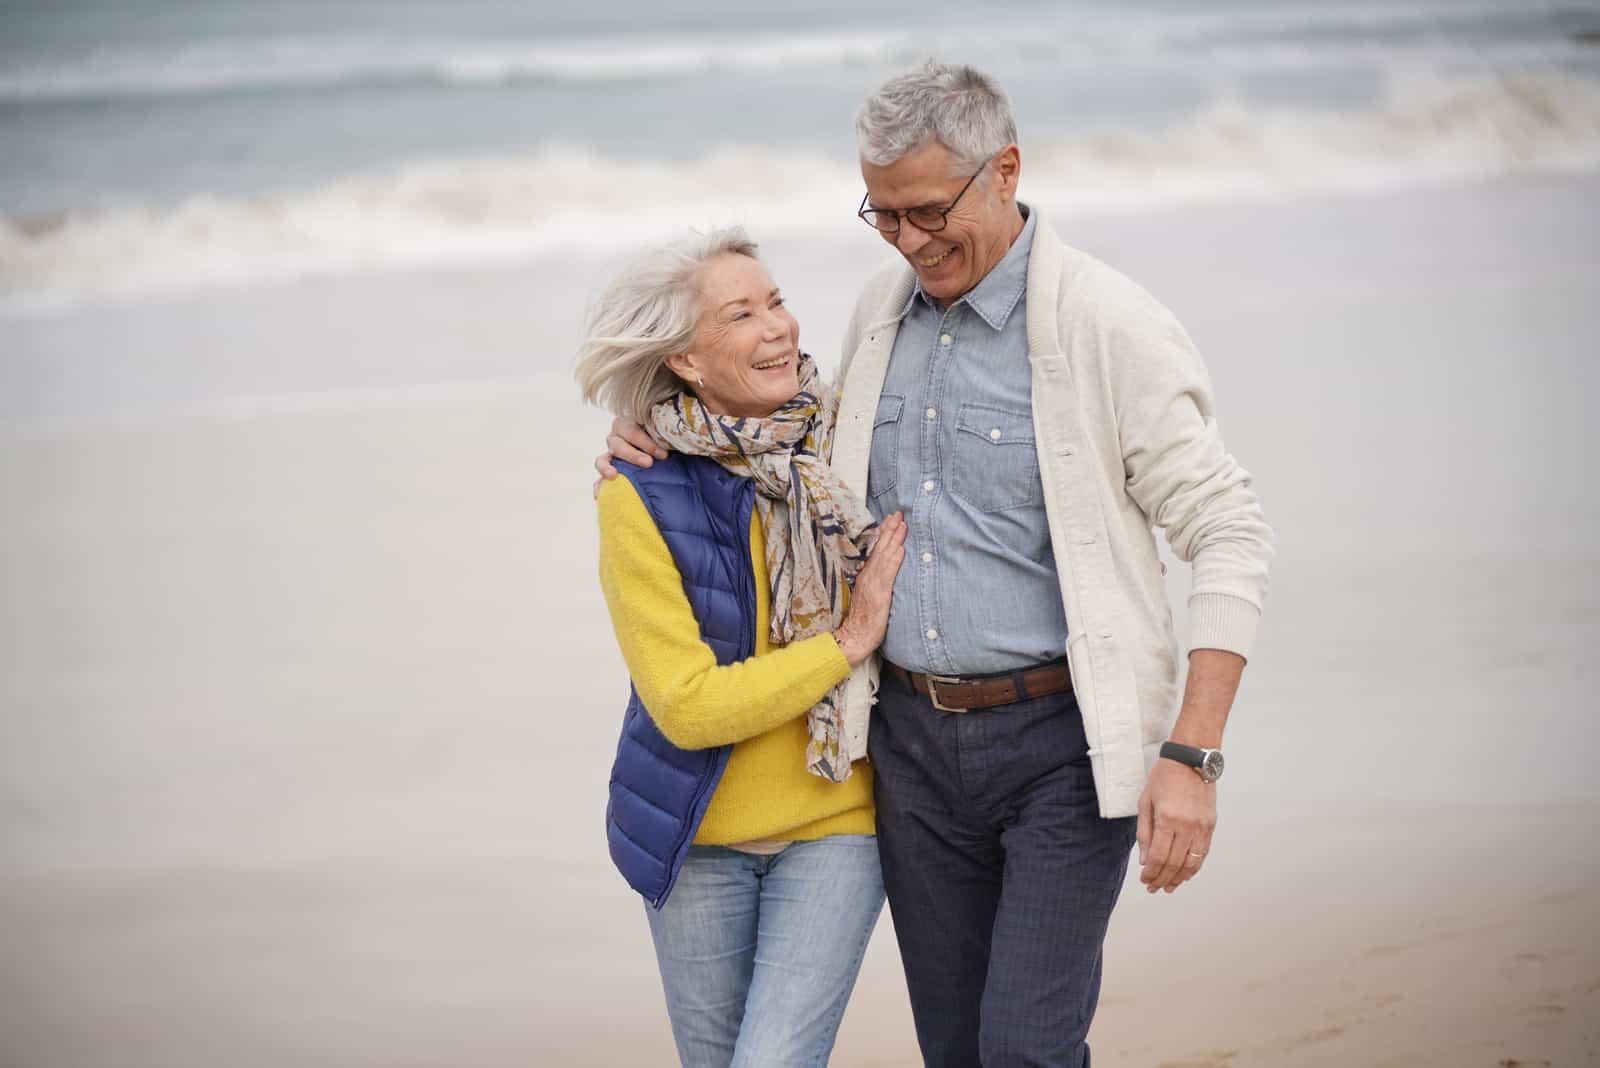 Ein älteres glückliches Paar geht am Strand entlang